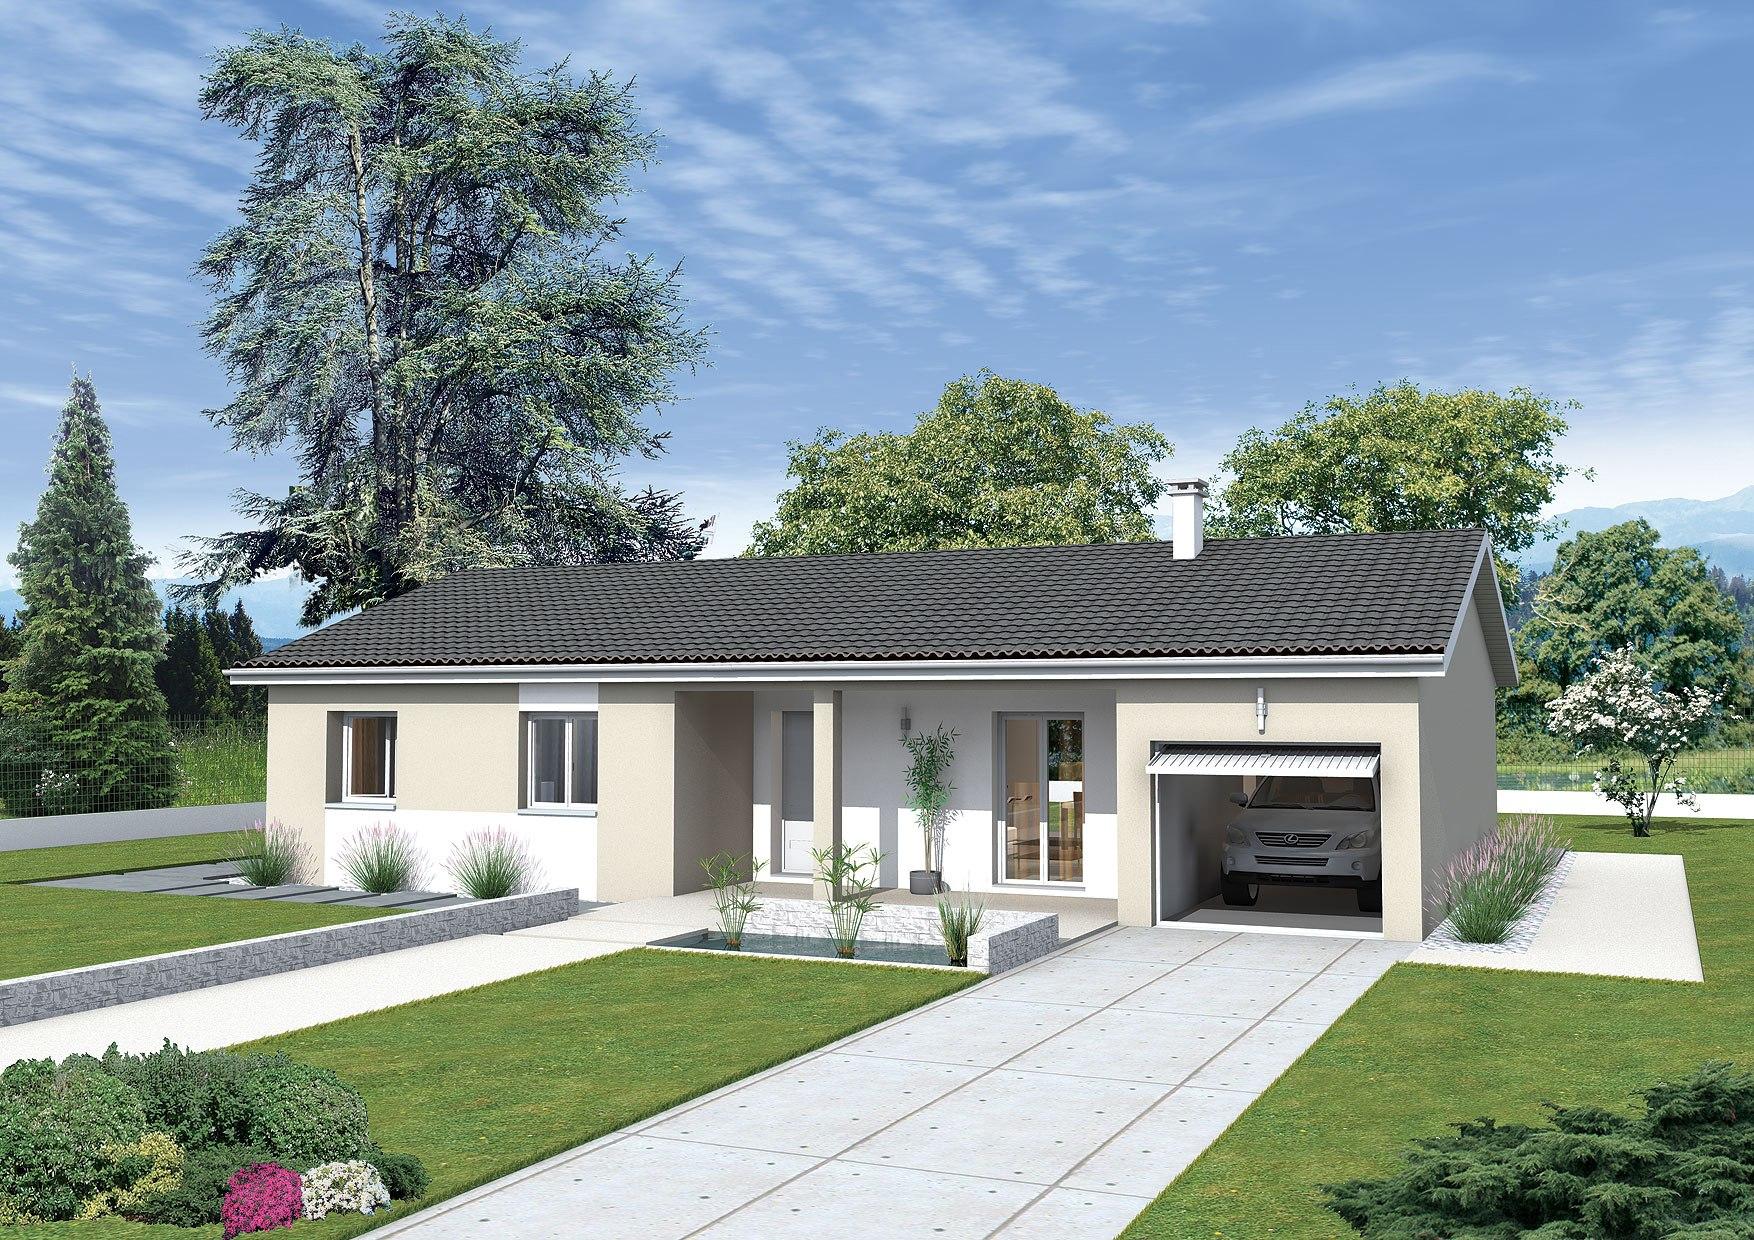 Maisons + Terrains du constructeur MAISONS PUNCH BOURGOIN • 85 m² • BIOL